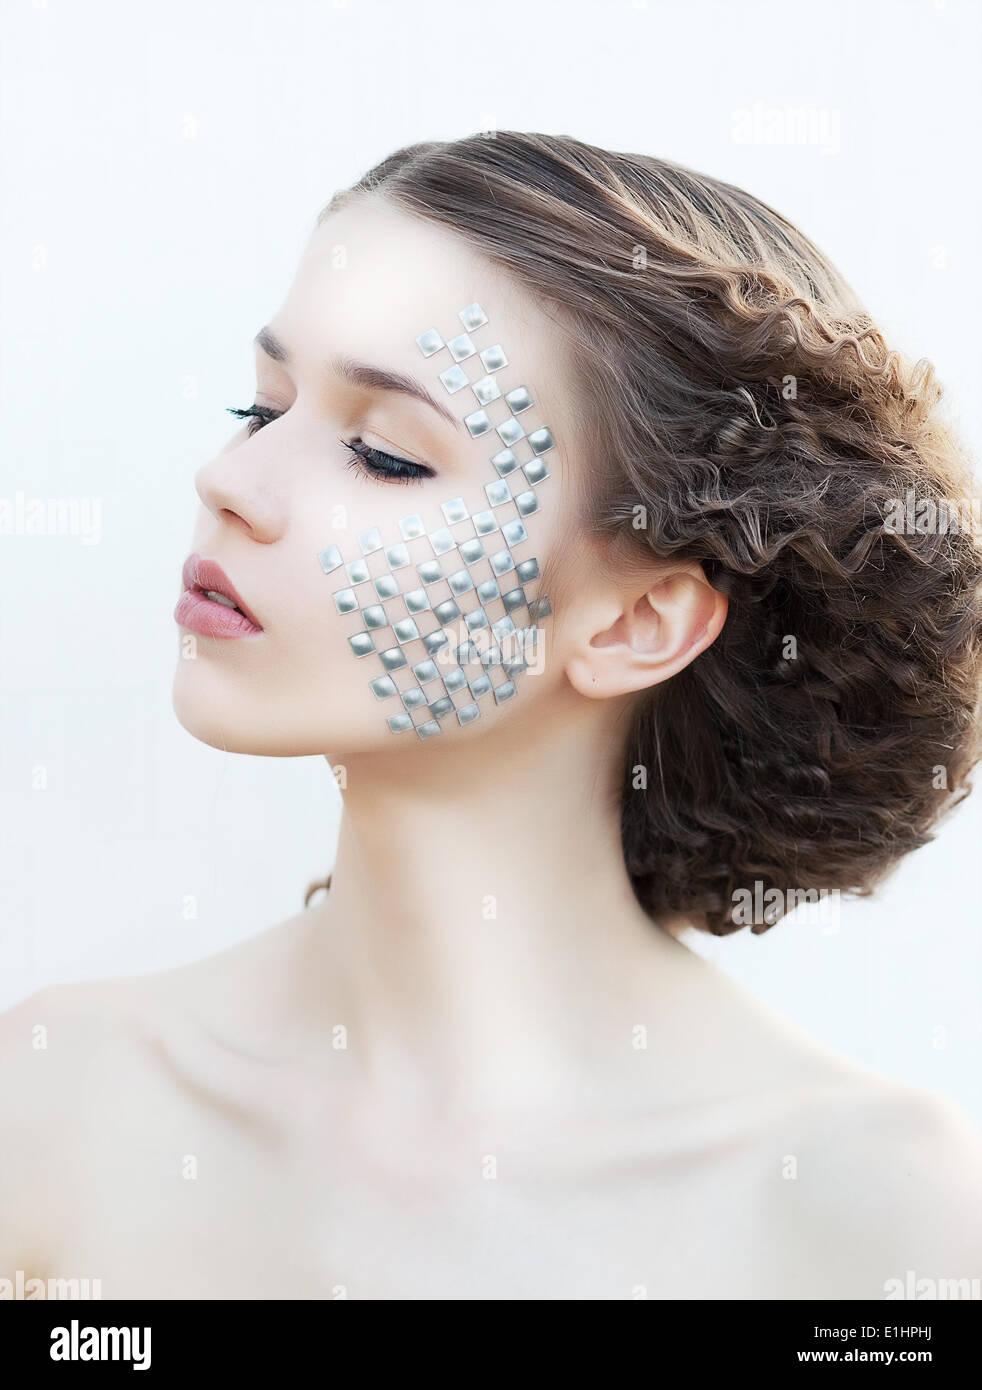 Hermosa muchacha cara. Concepto de piel perfecta. El arte del maquillaje. Belleza natural Imagen De Stock